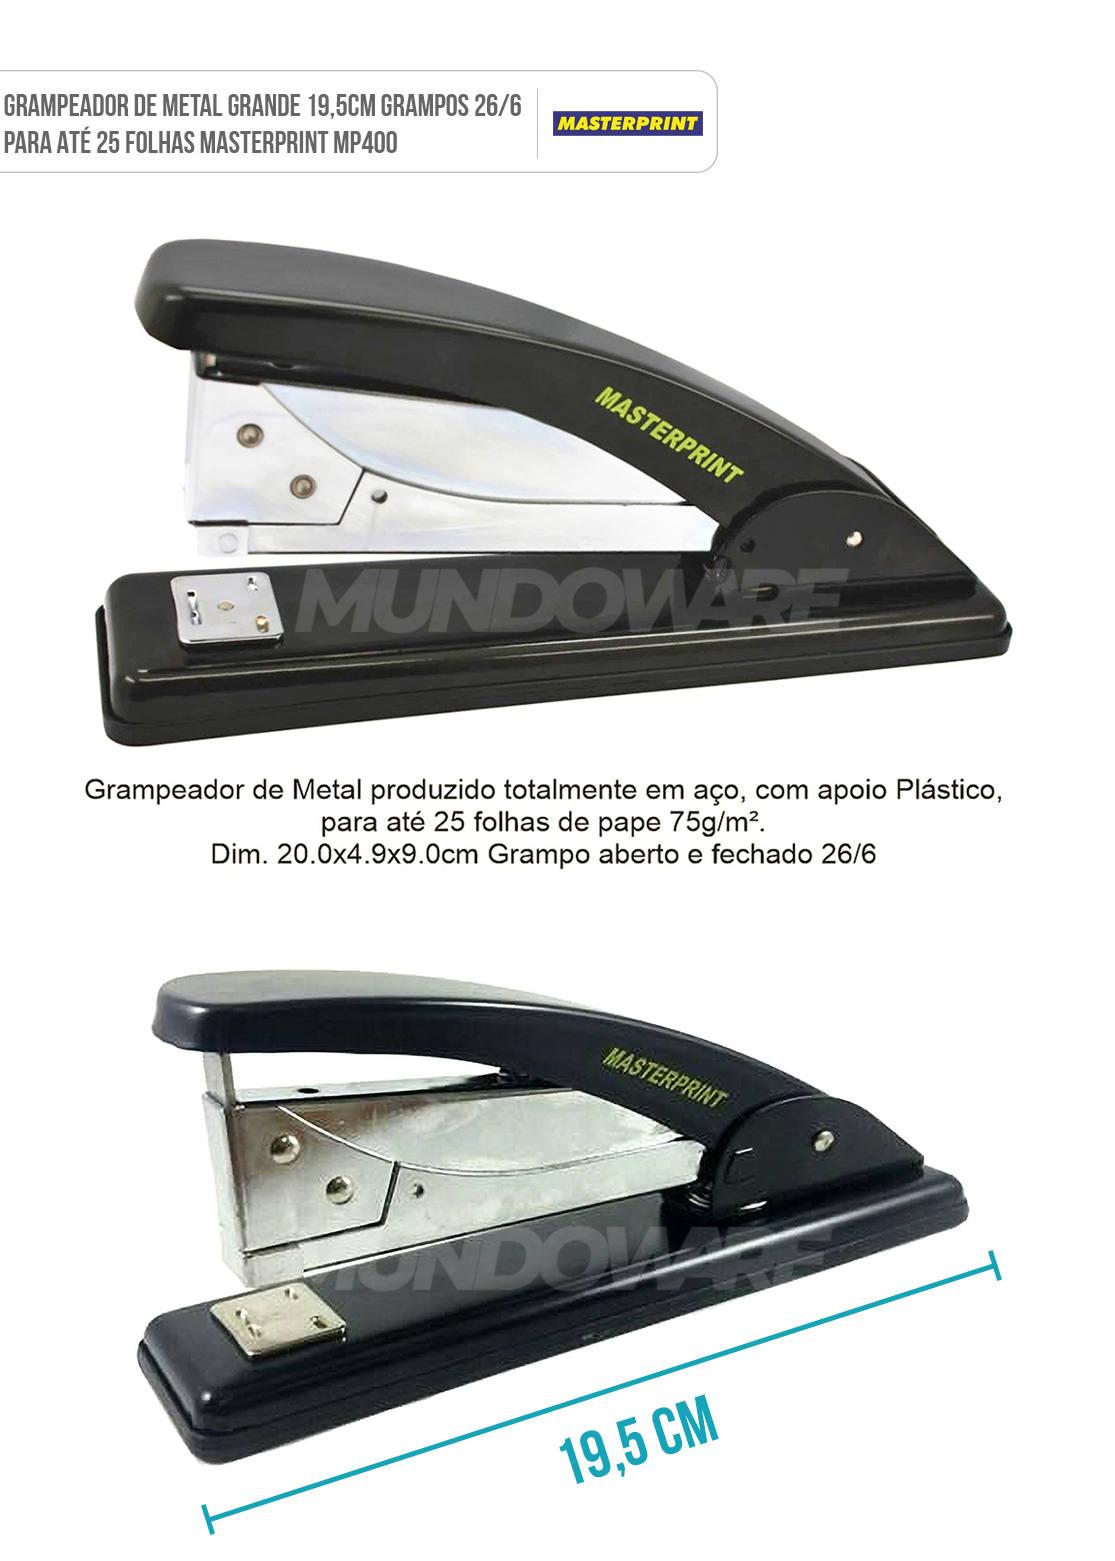 Grampeador de Metal Grande 19,5cm Grampos 26/6 para 25 Folhas Masterprint MP400